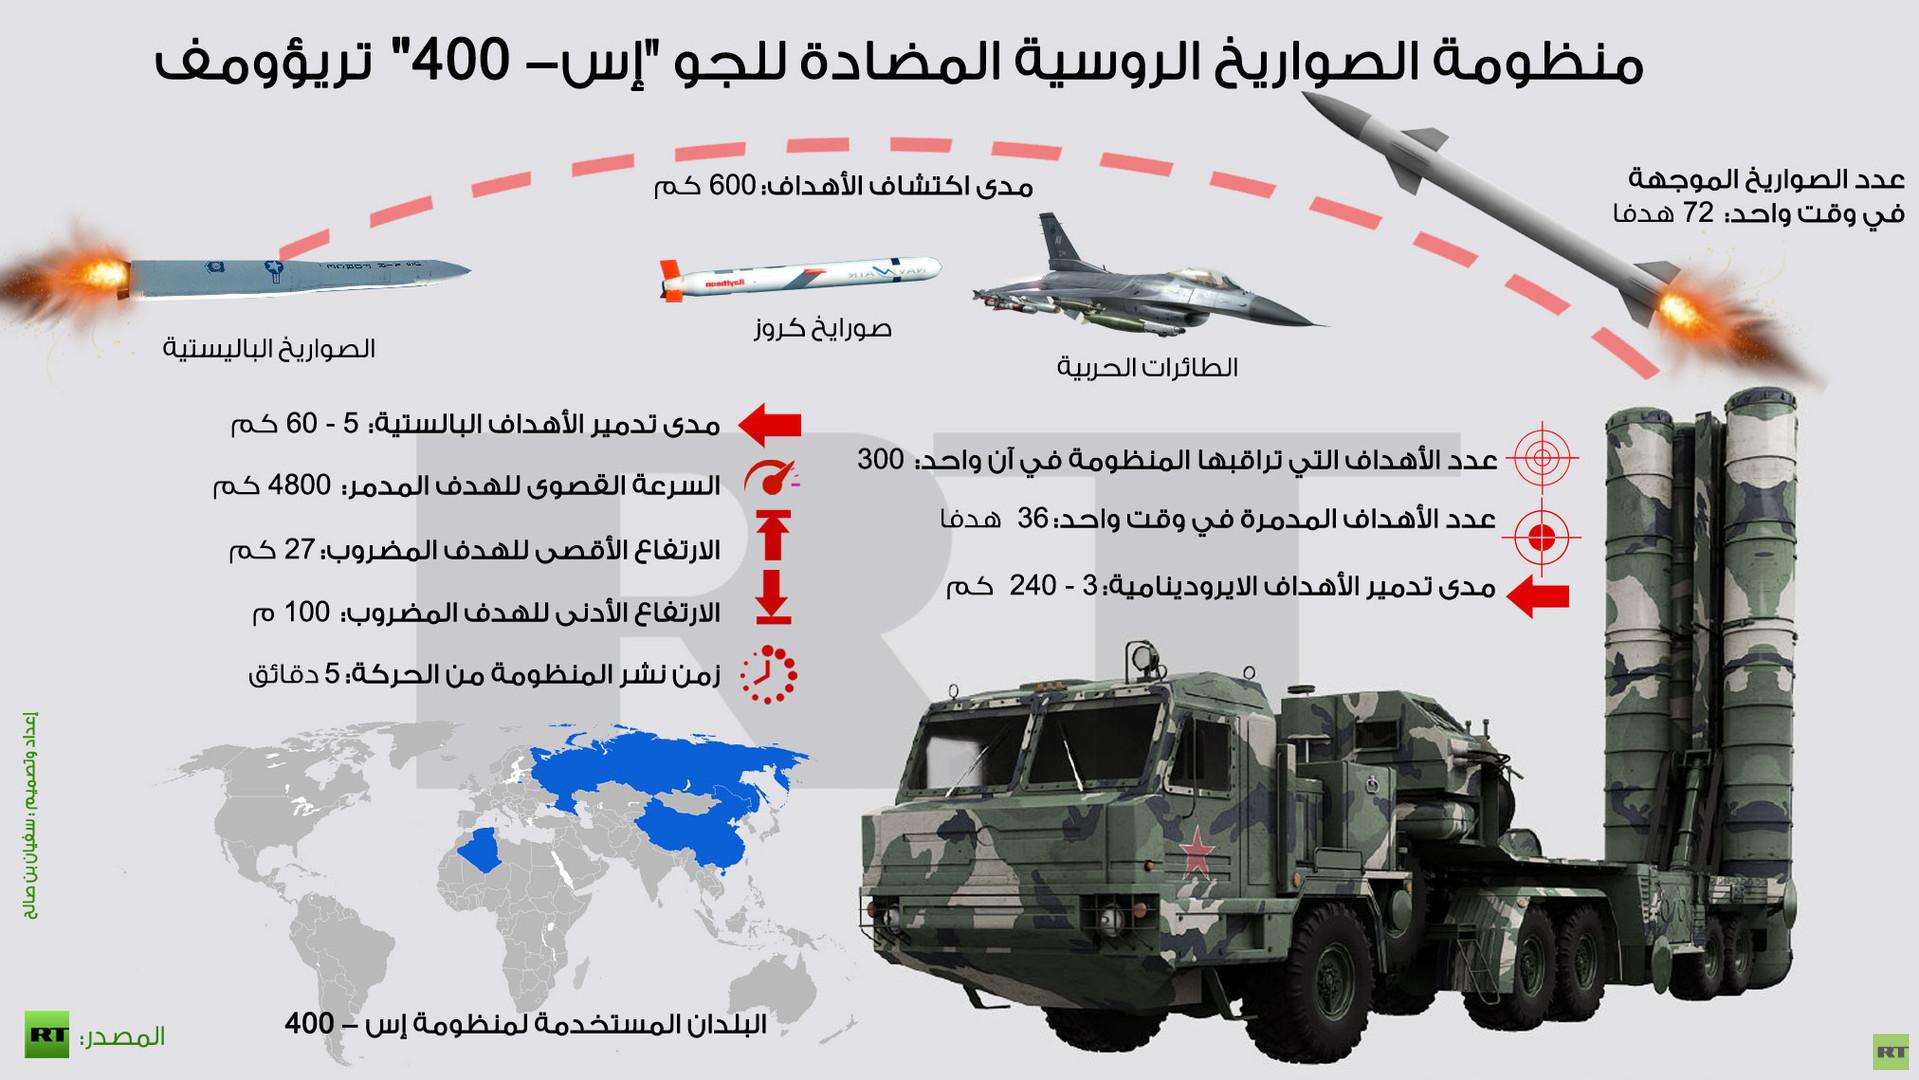 Que fera l'Algerie avec 6sous marins et 36 bombardiers et 20 fregates? 5640c8cdc361885c048b4619